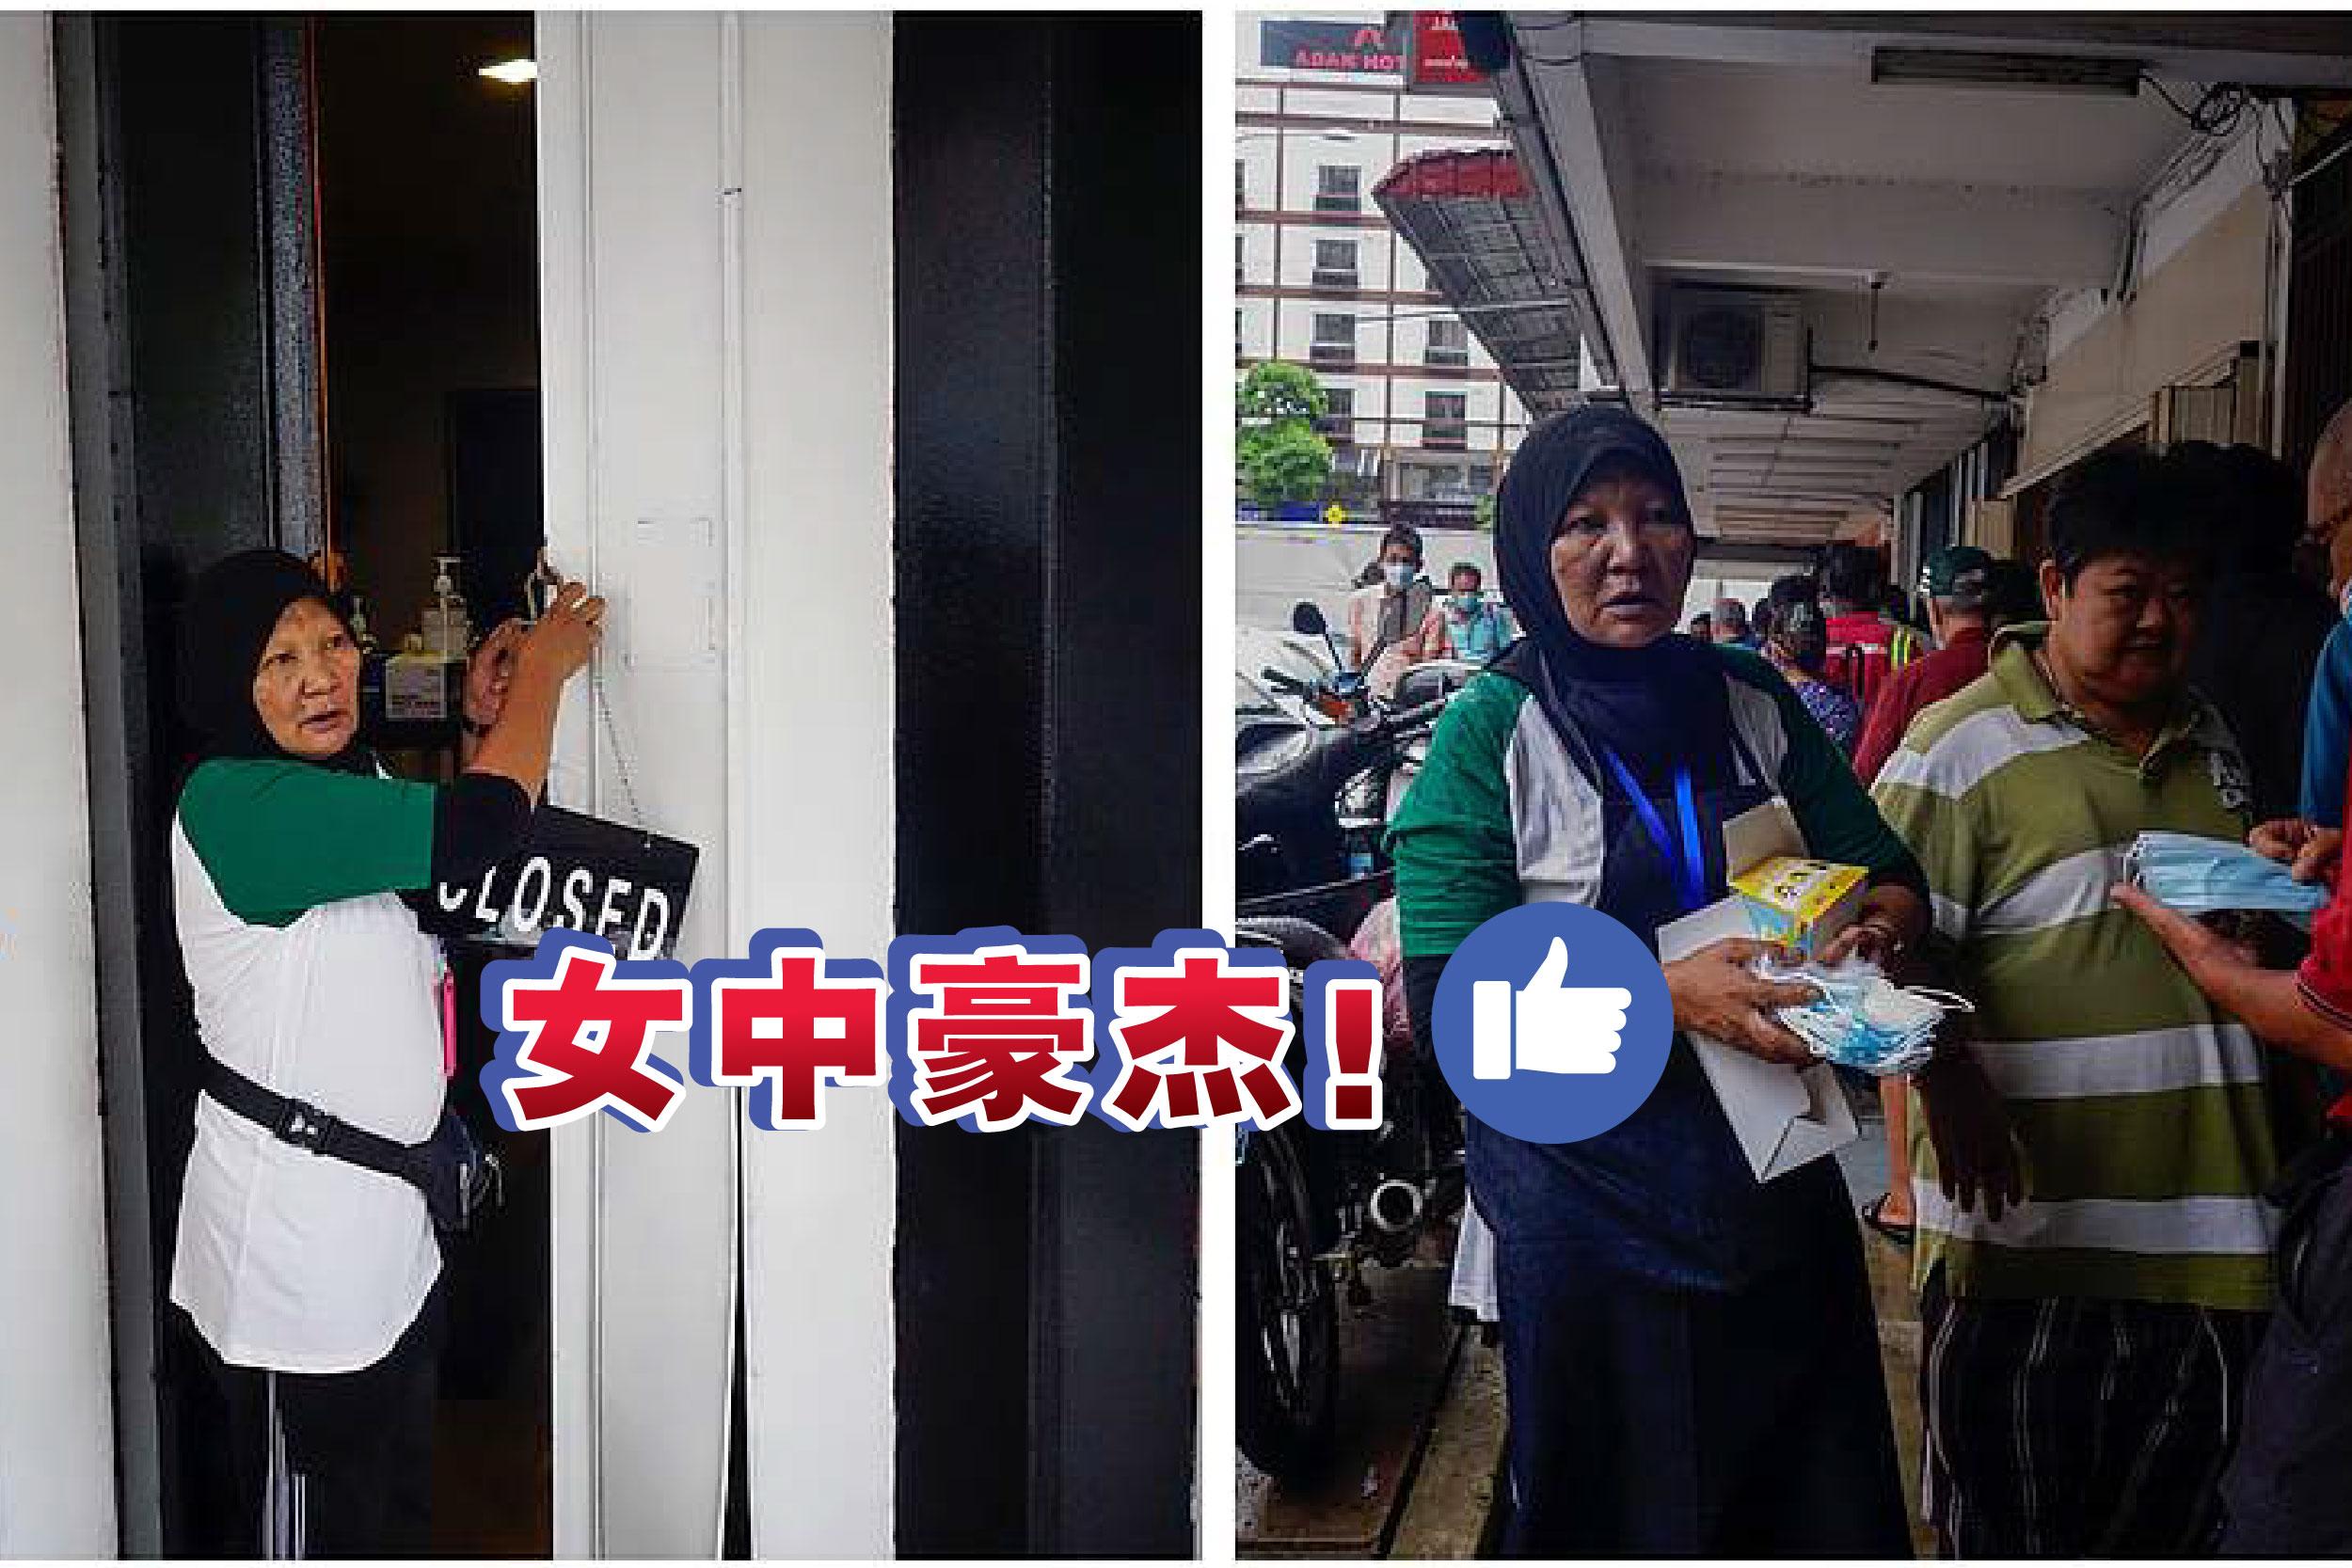 在好心人的帮助下,Mak Wan成立了Warung Makan Sahabat Chow Kit,以便为流浪汉提供援助。-Shafwan Zaidon摄,精彩大马制图-